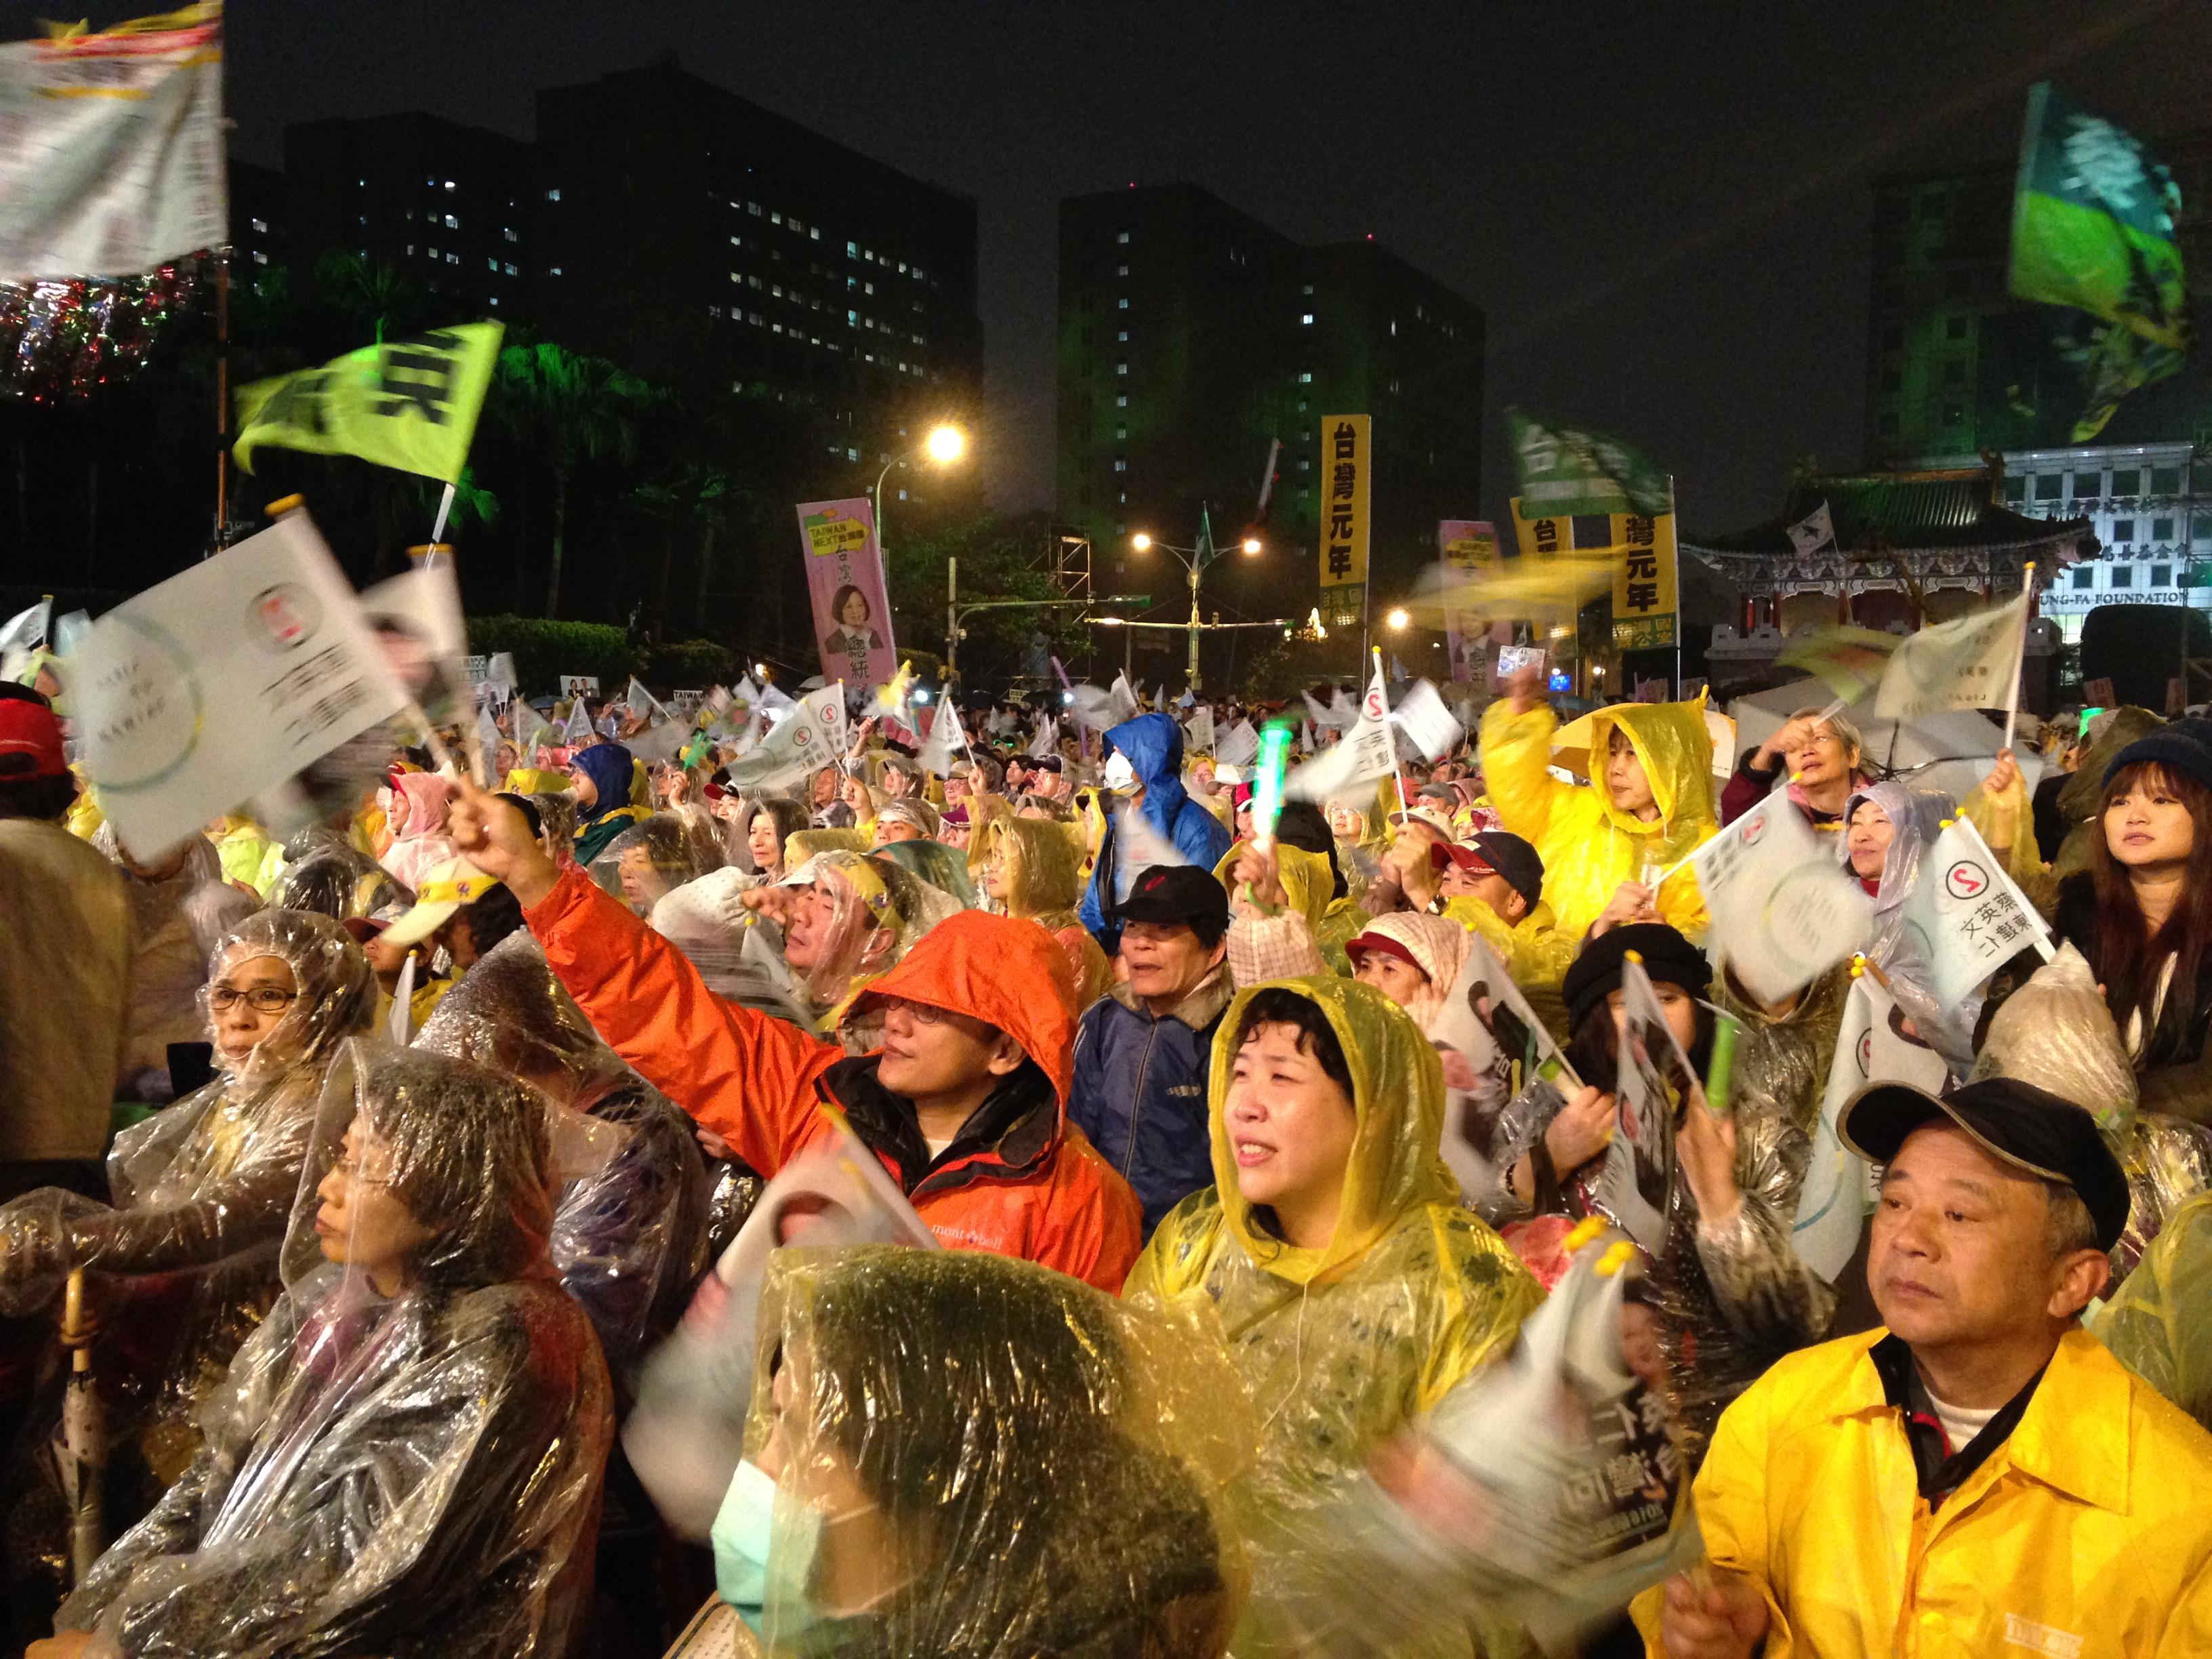 民進党前夜祭2